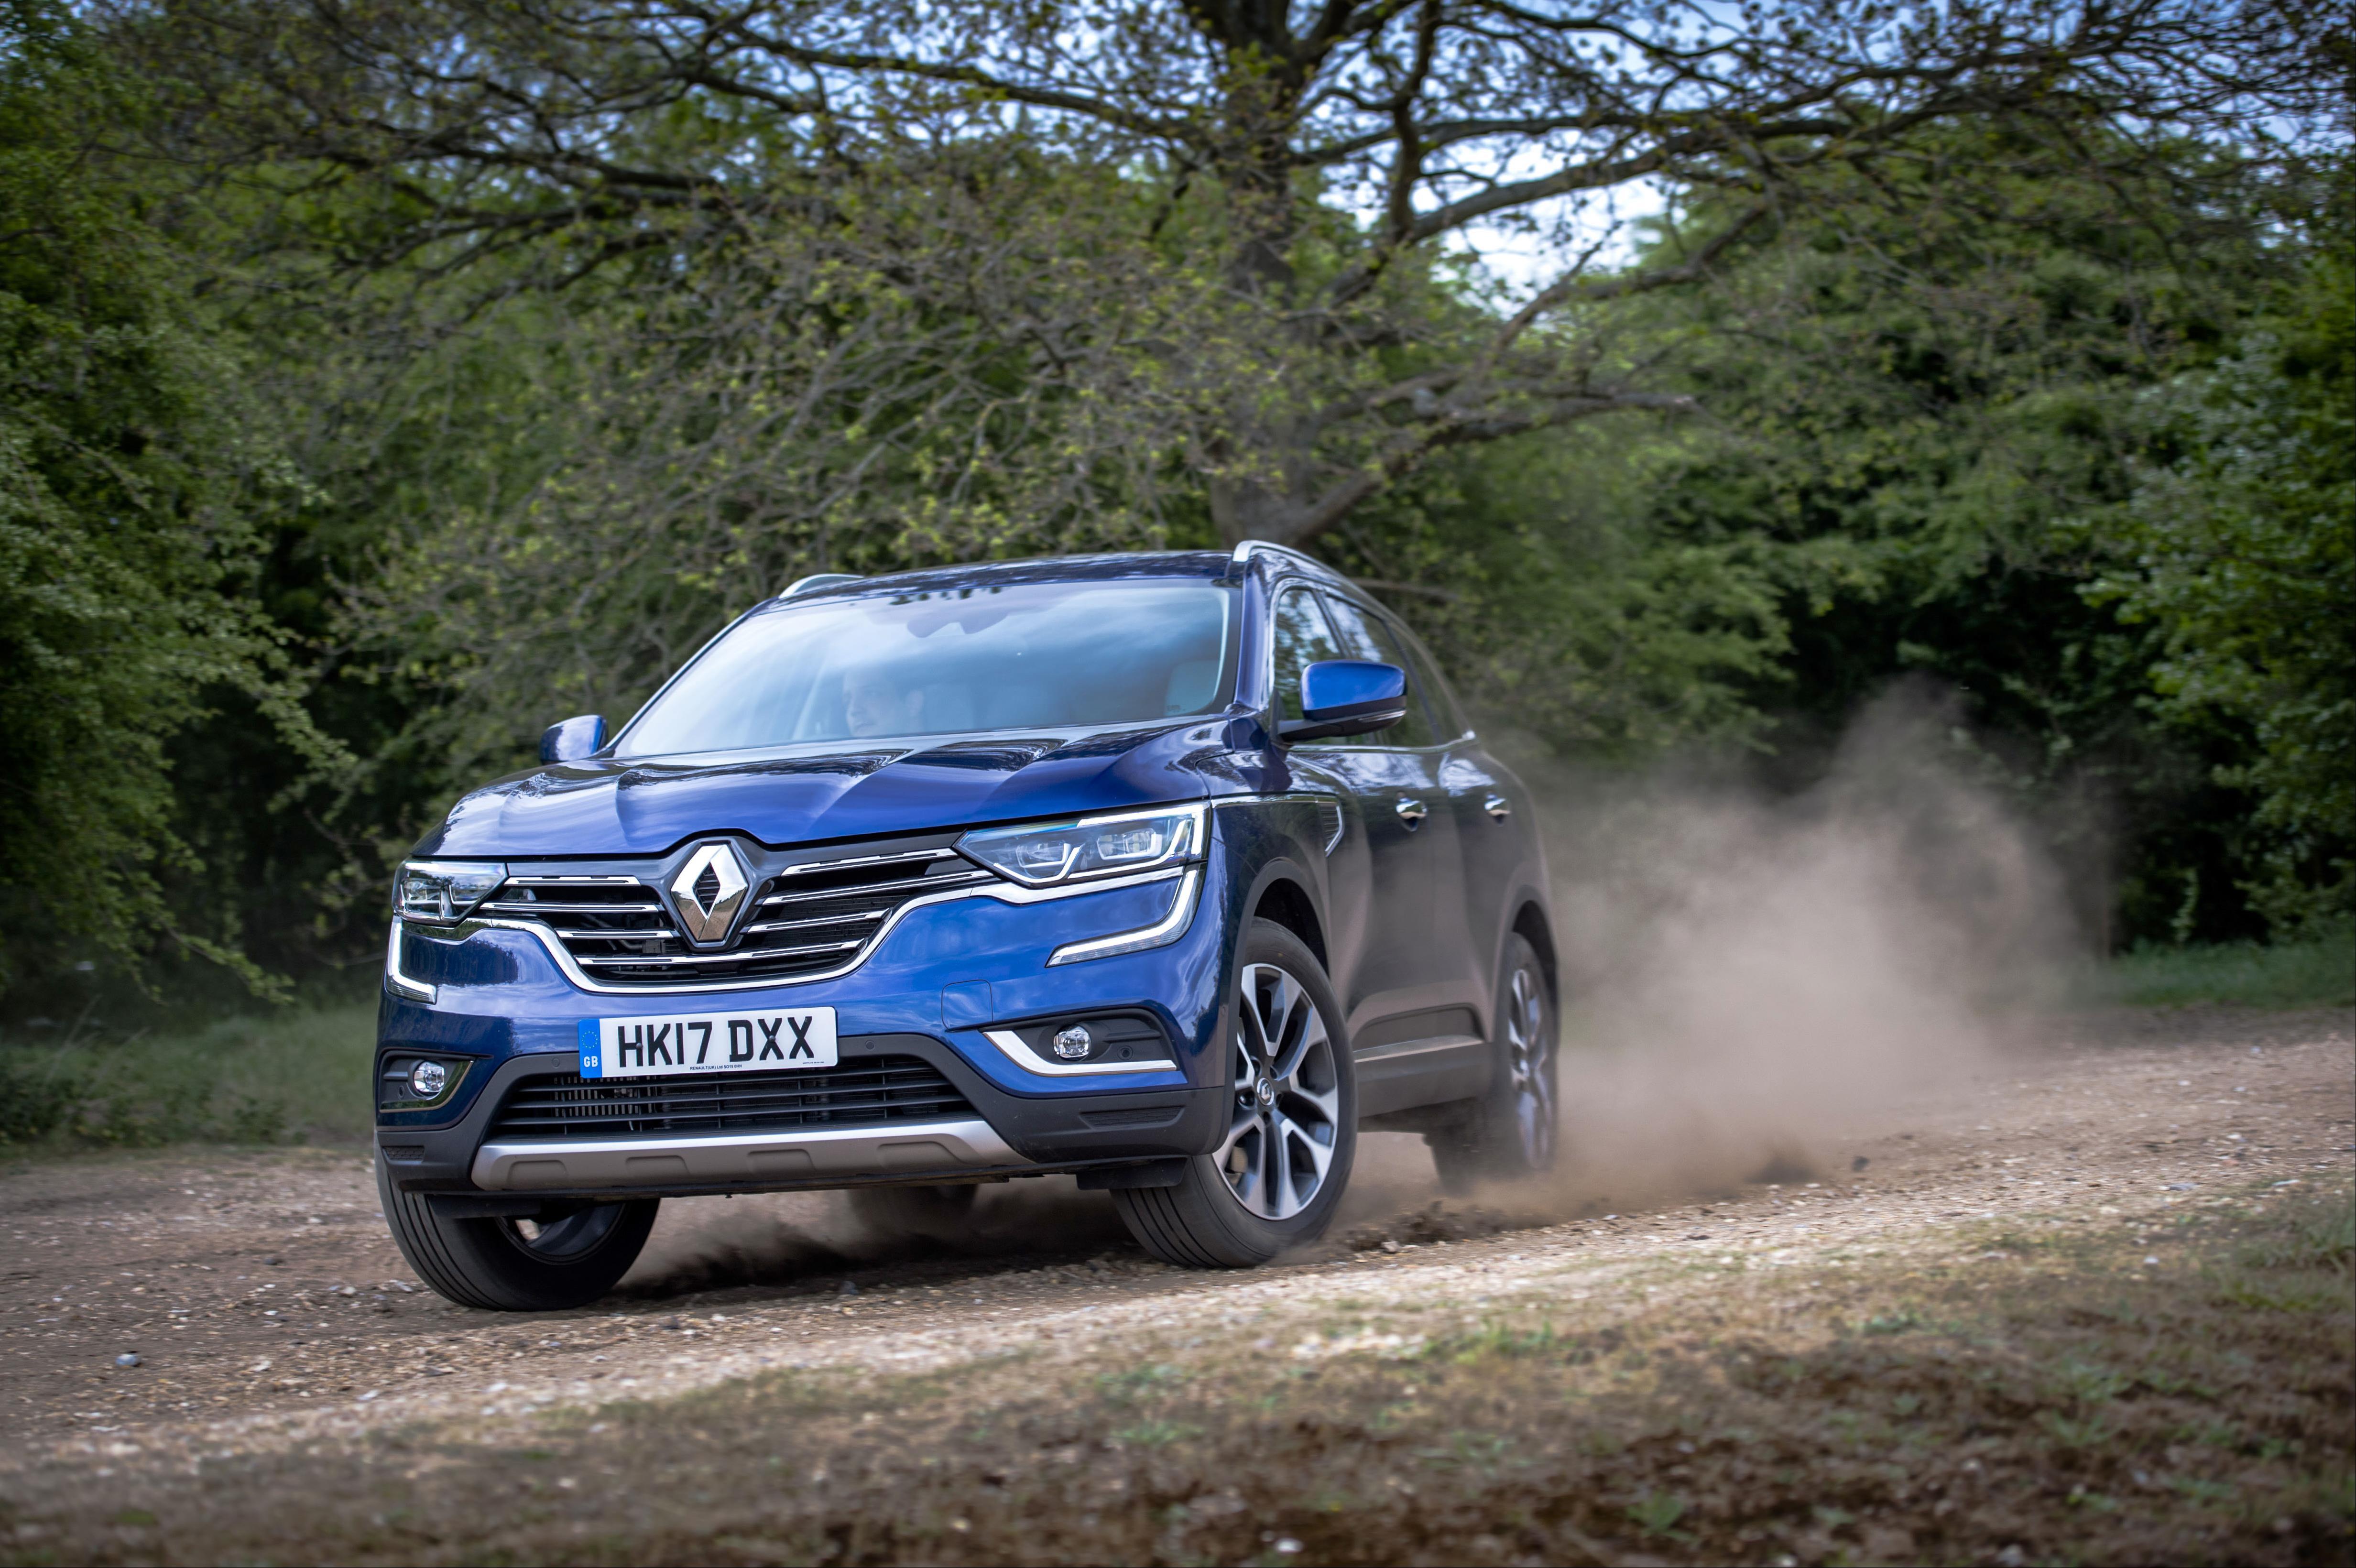 Renault Koleos: Value meets capability